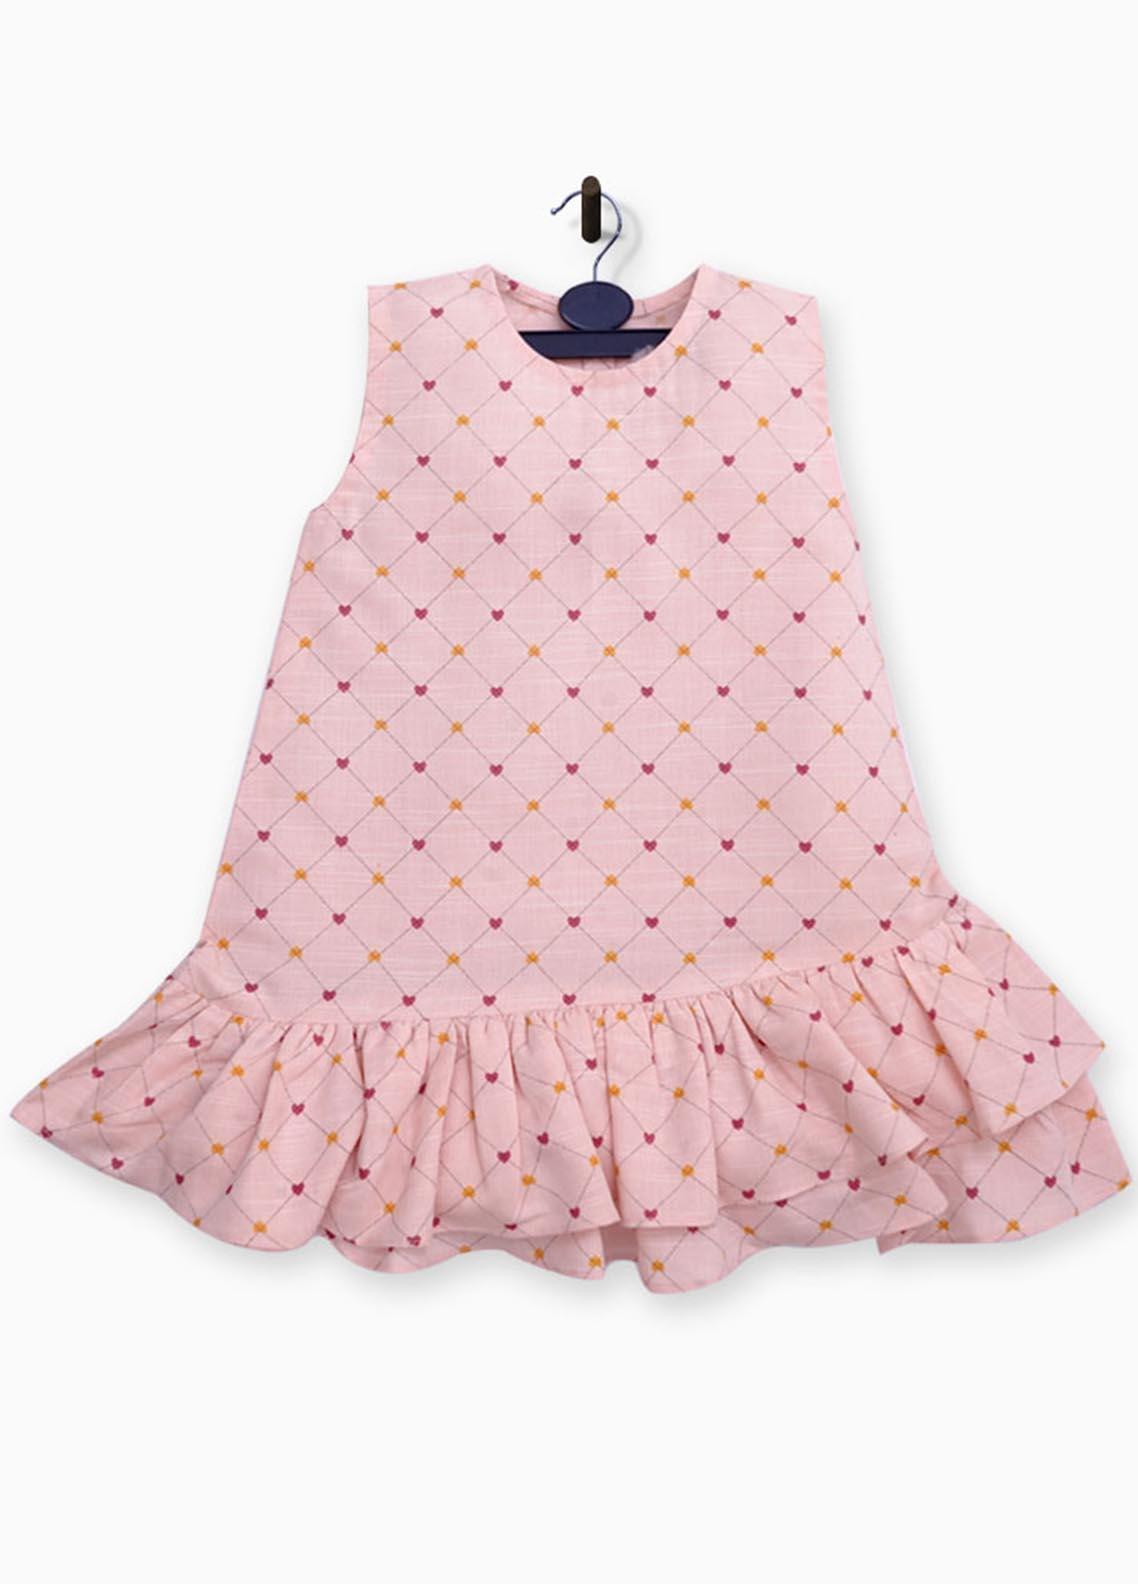 Kids Polo Cotton Fancy Girls Frocks -  GWSK20218